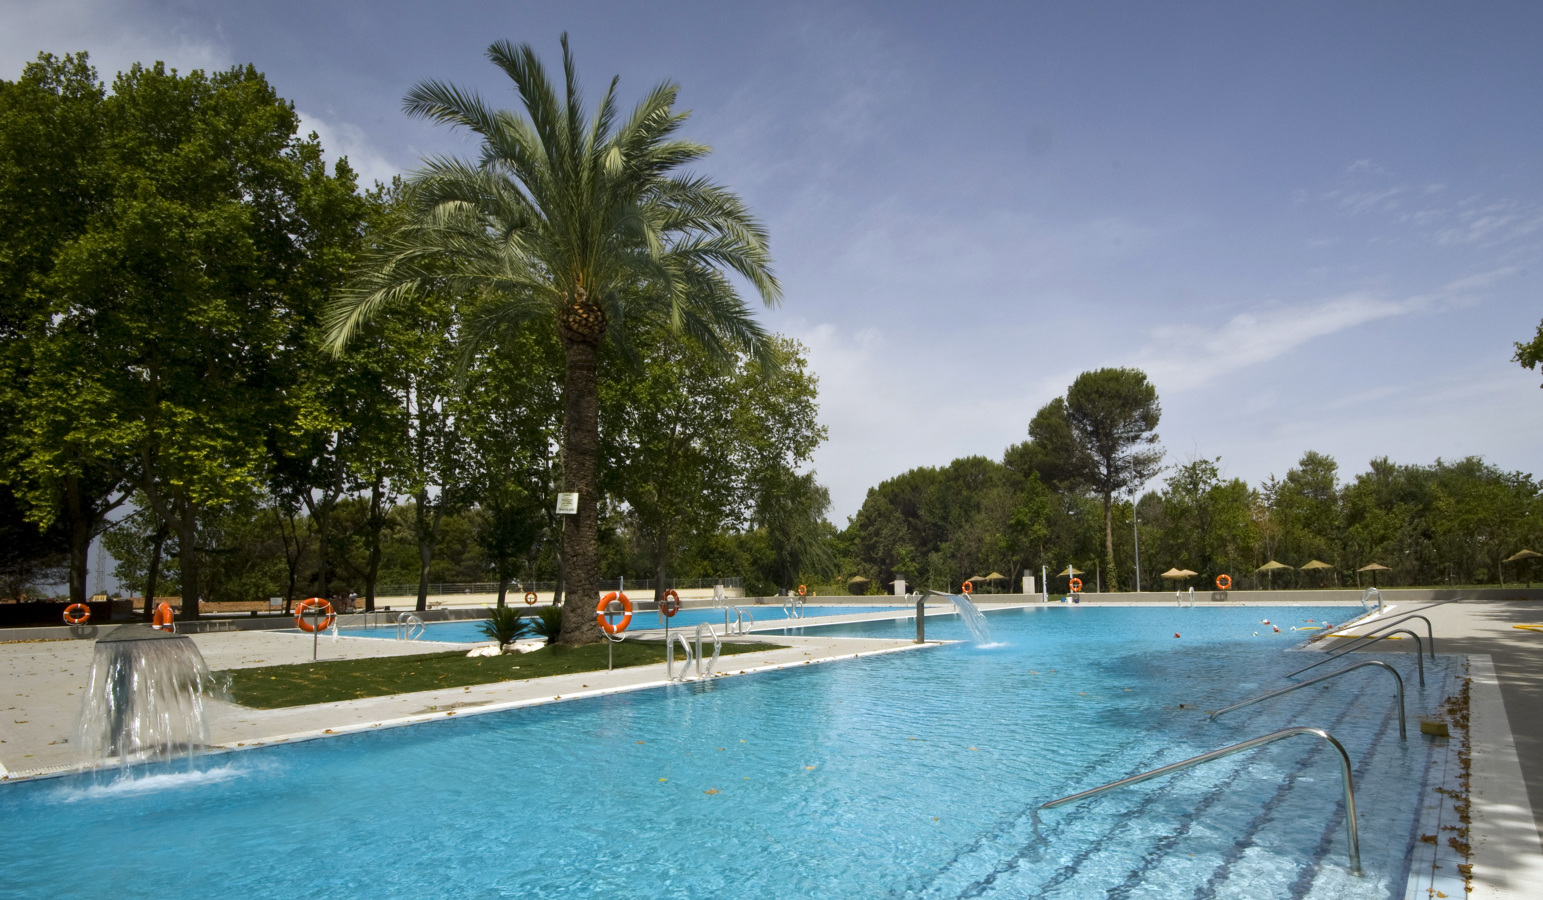 Foto piscina municipal montilla c rdoba de aryon for Piscina municipal albacete